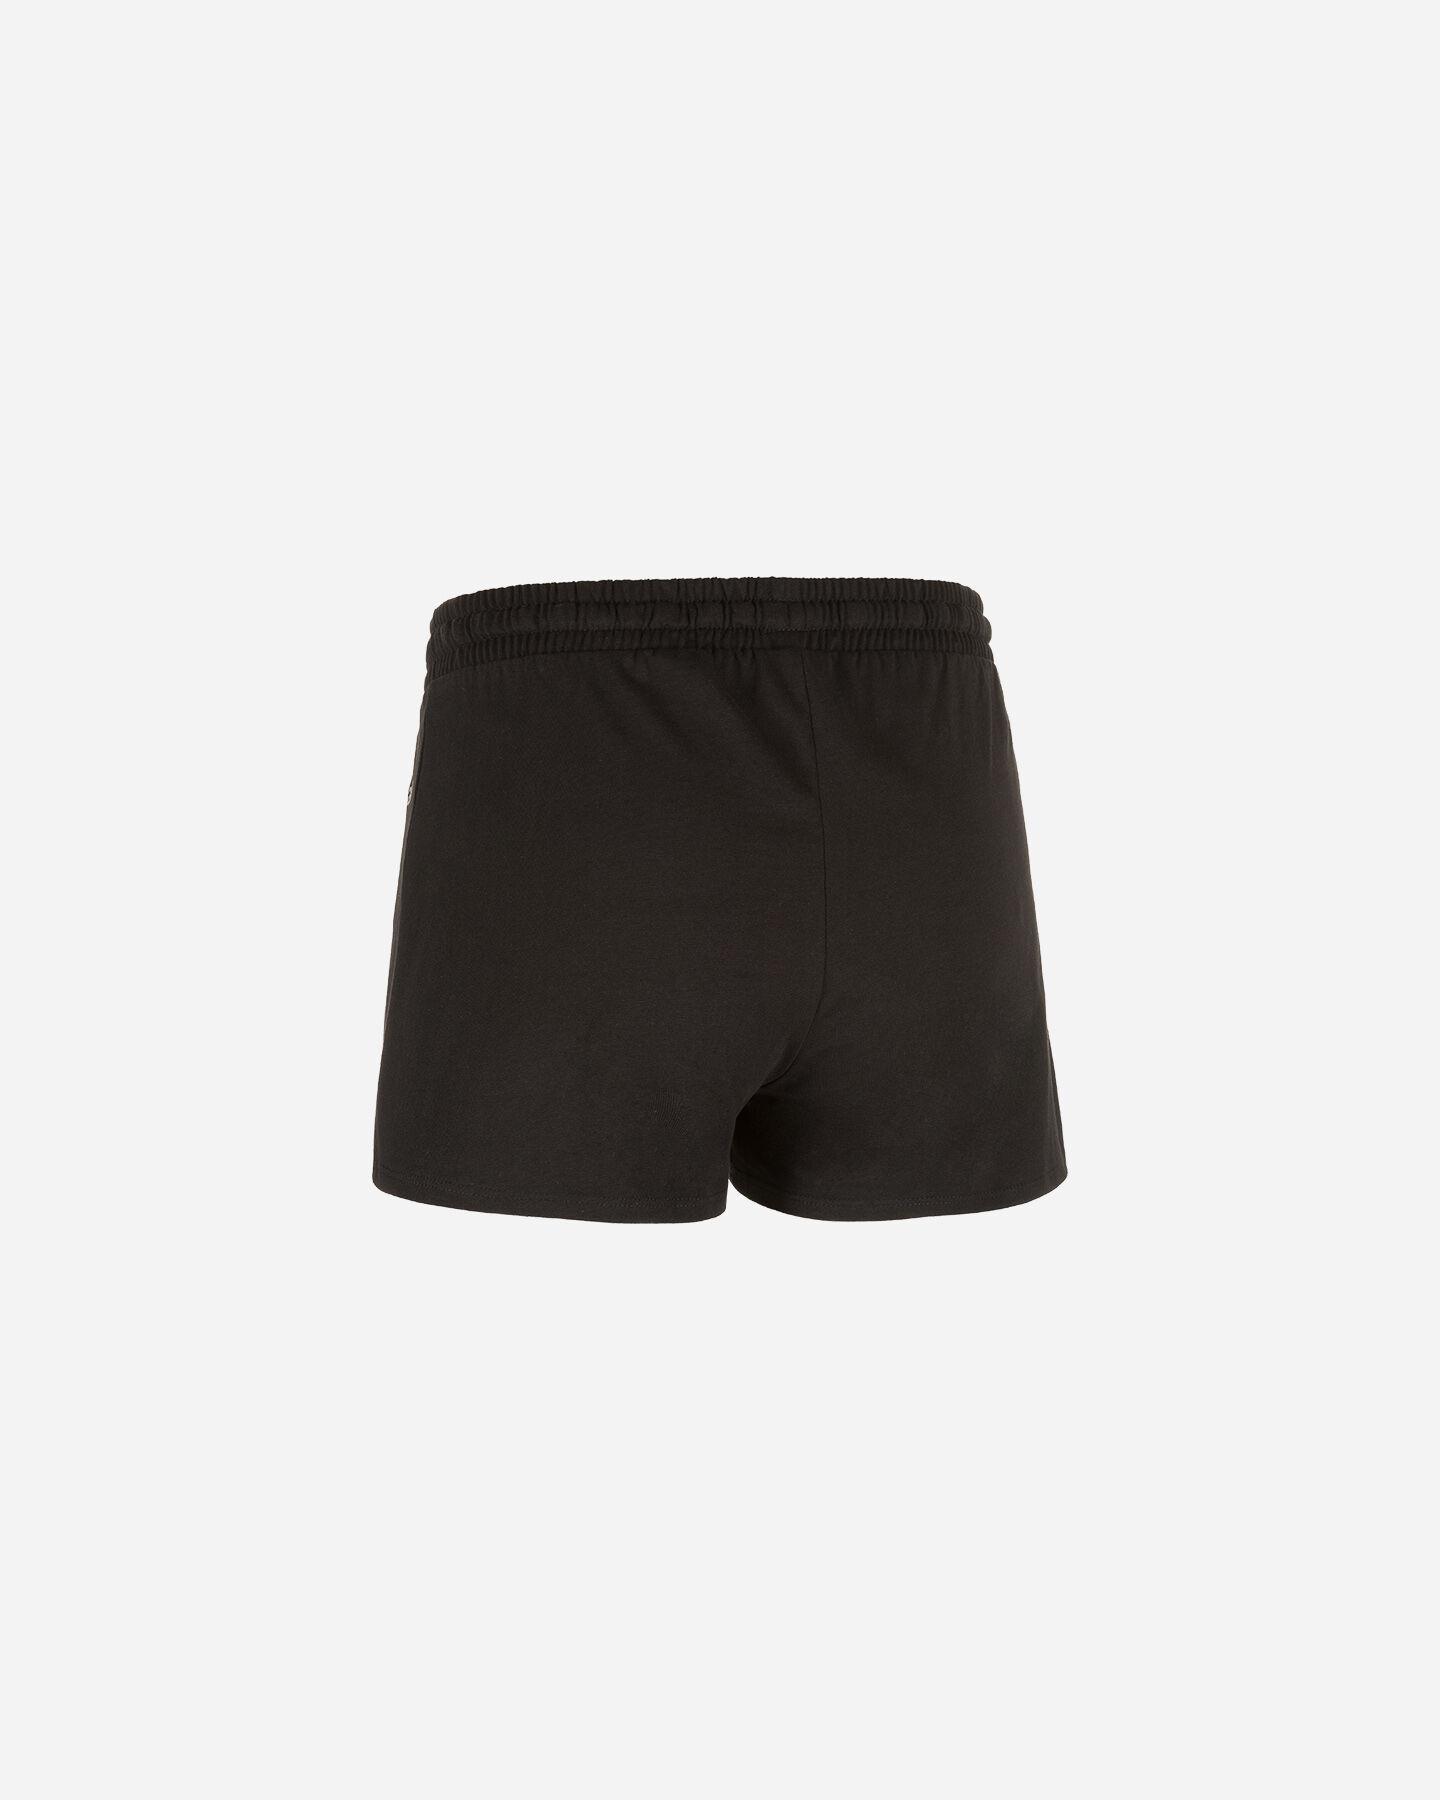 Pantaloncini ADMIRAL BASIC  W S4077375 scatto 1